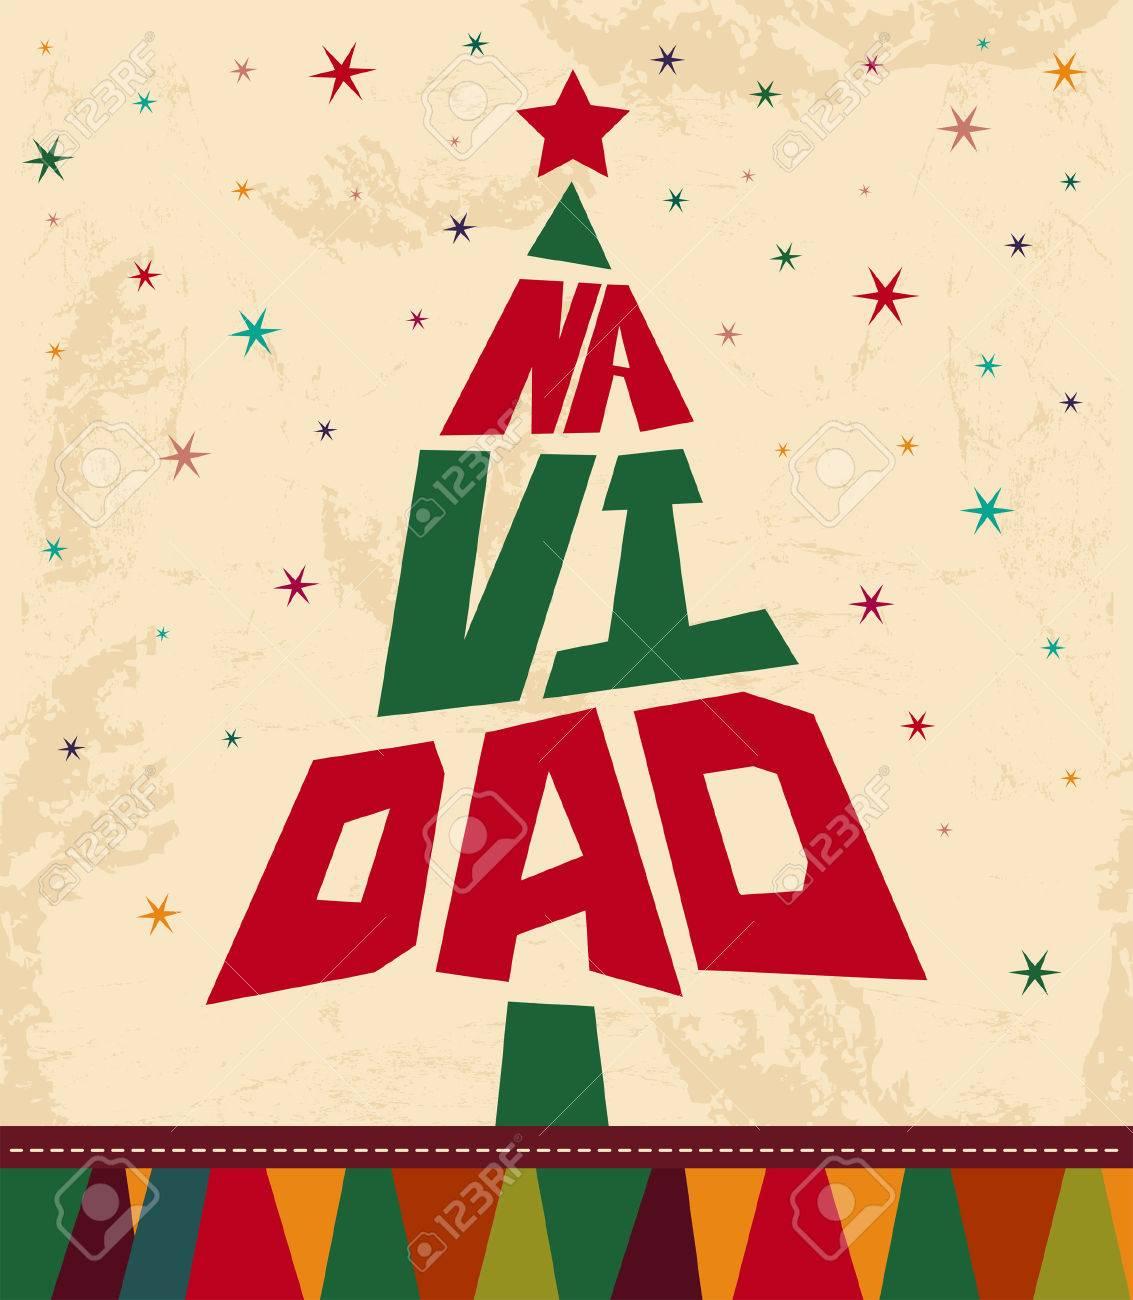 Navidad   Noël Texte Espagnol   Forme D'arbre De Carte De Noël De